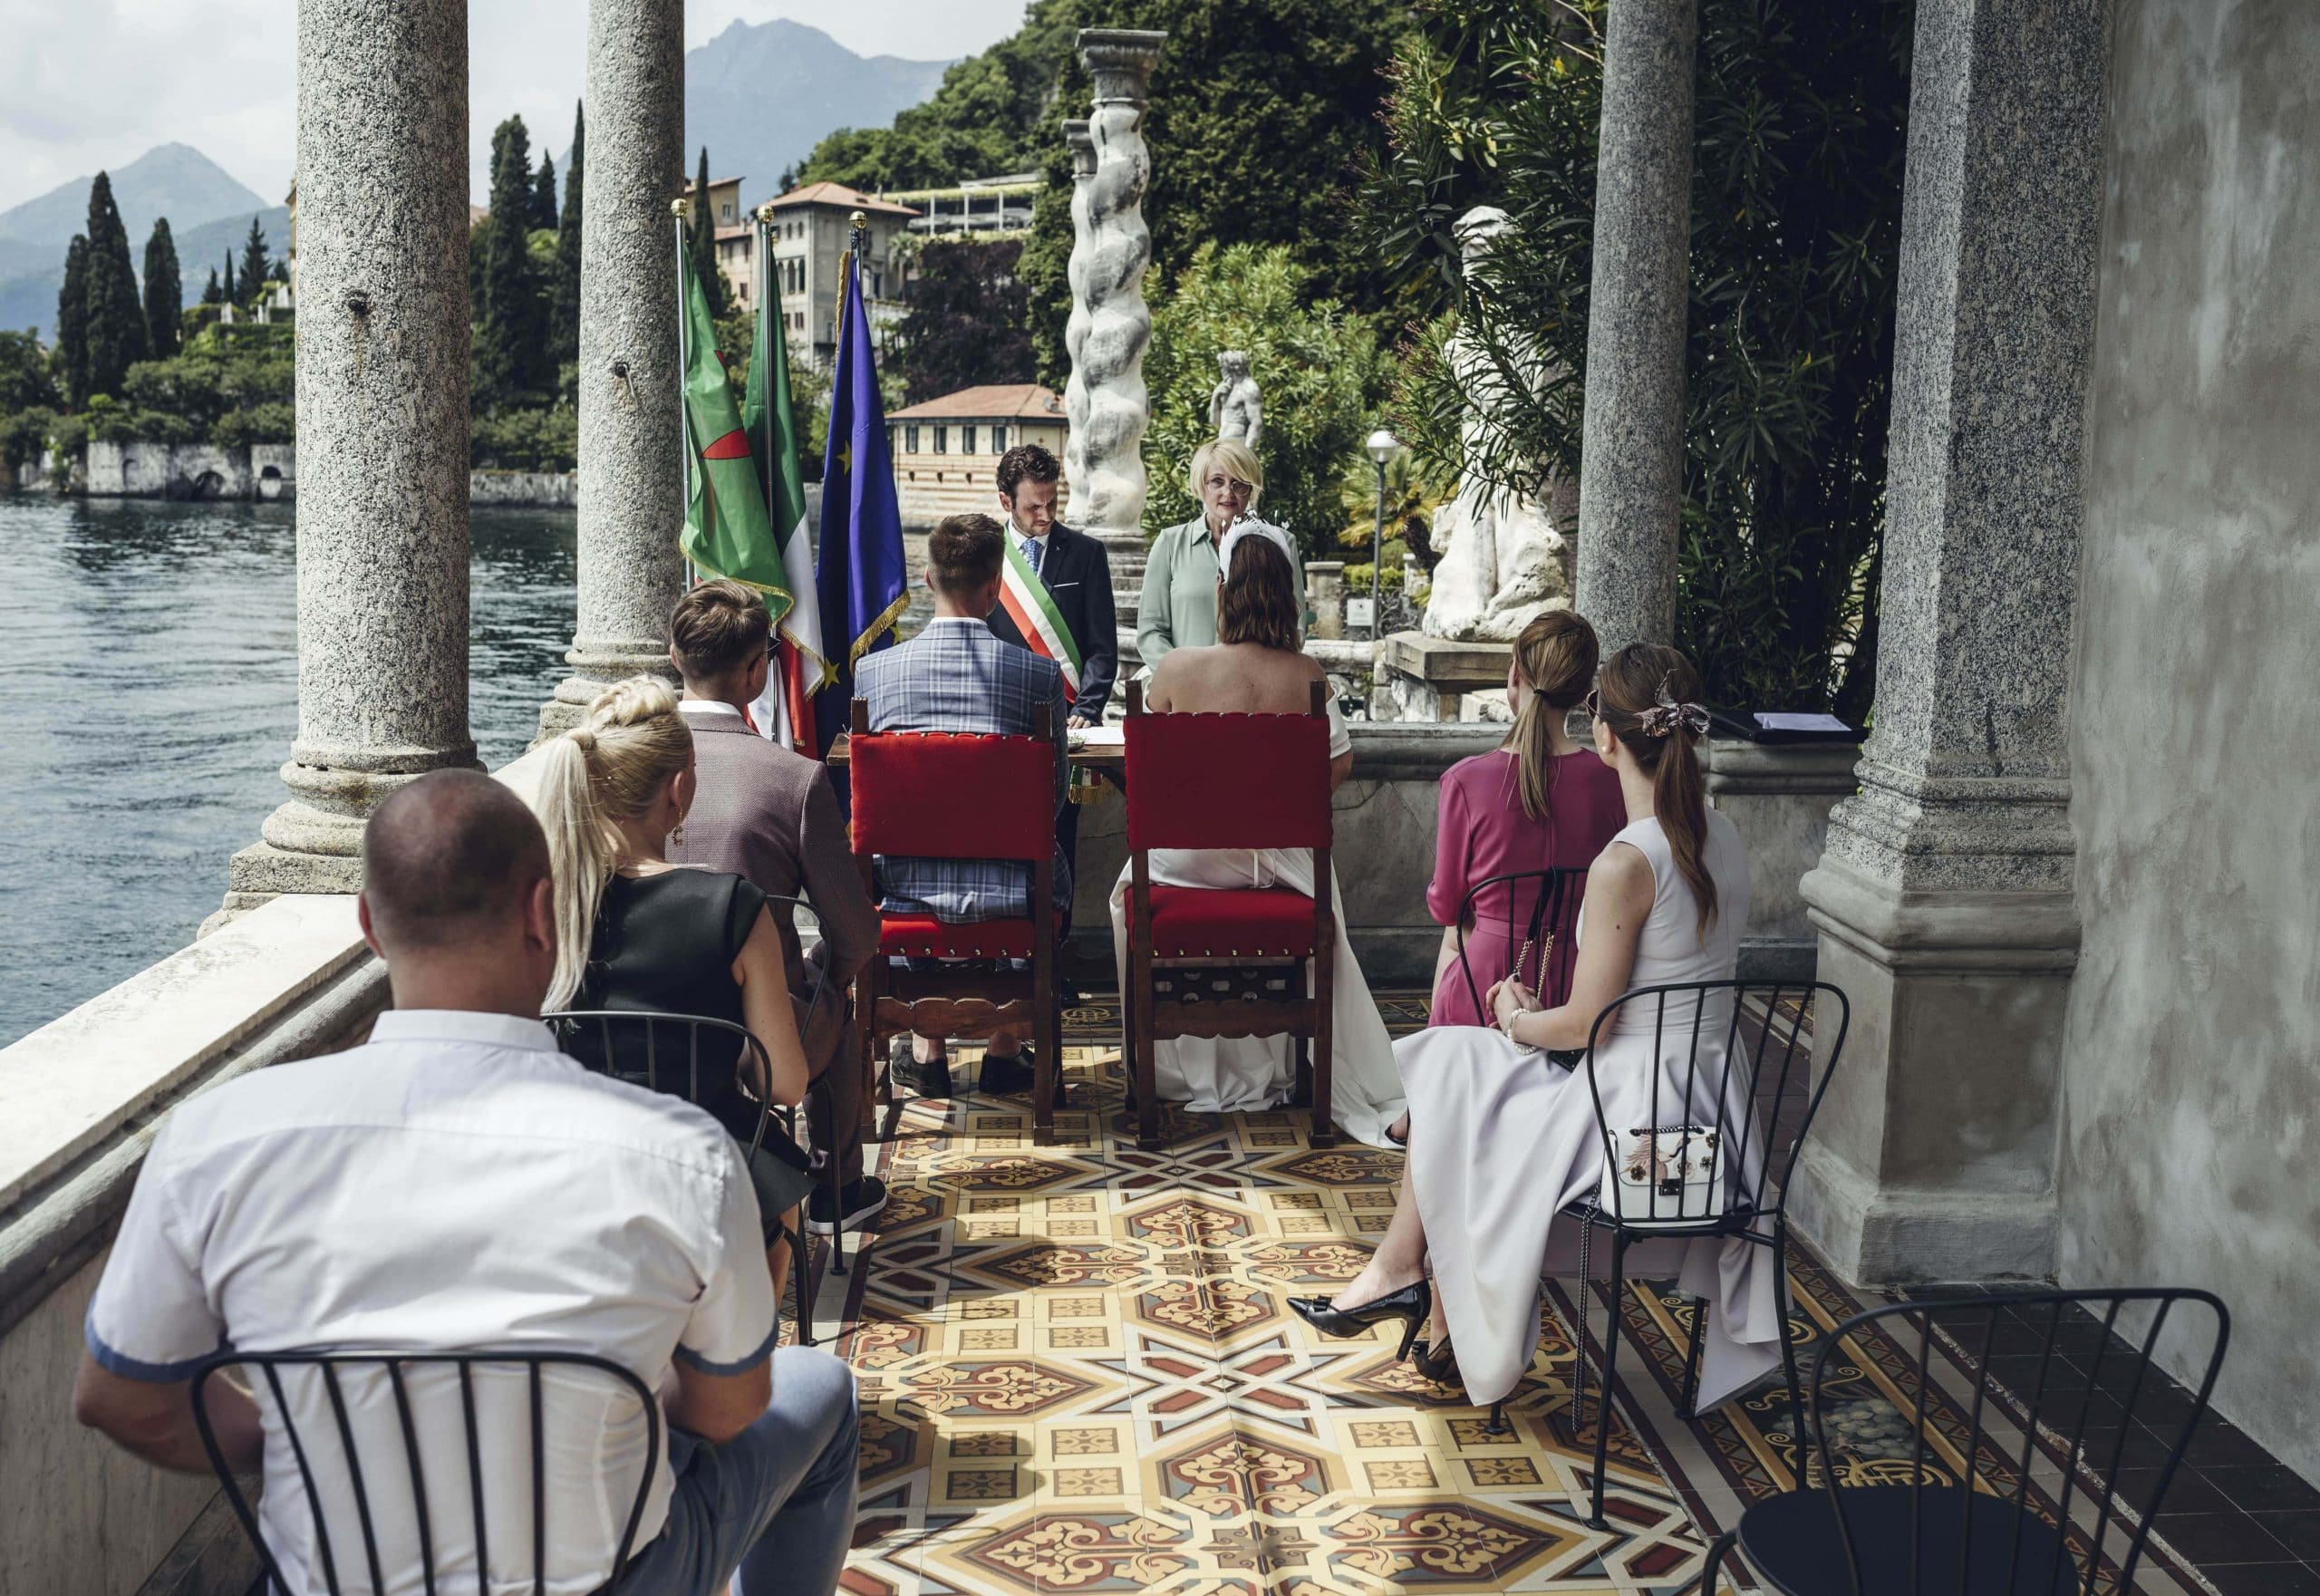 Vilma Wedding & Event Planner _ Vilma Rapšaitė _ Lago di Como _ vestuvės Italijoje covid-19 metu _ santuoka užsienyje 2022 _ vestuvių organizatorė _ santuokos koordinatorė _ civilinė santuoka Villa Monastero-min